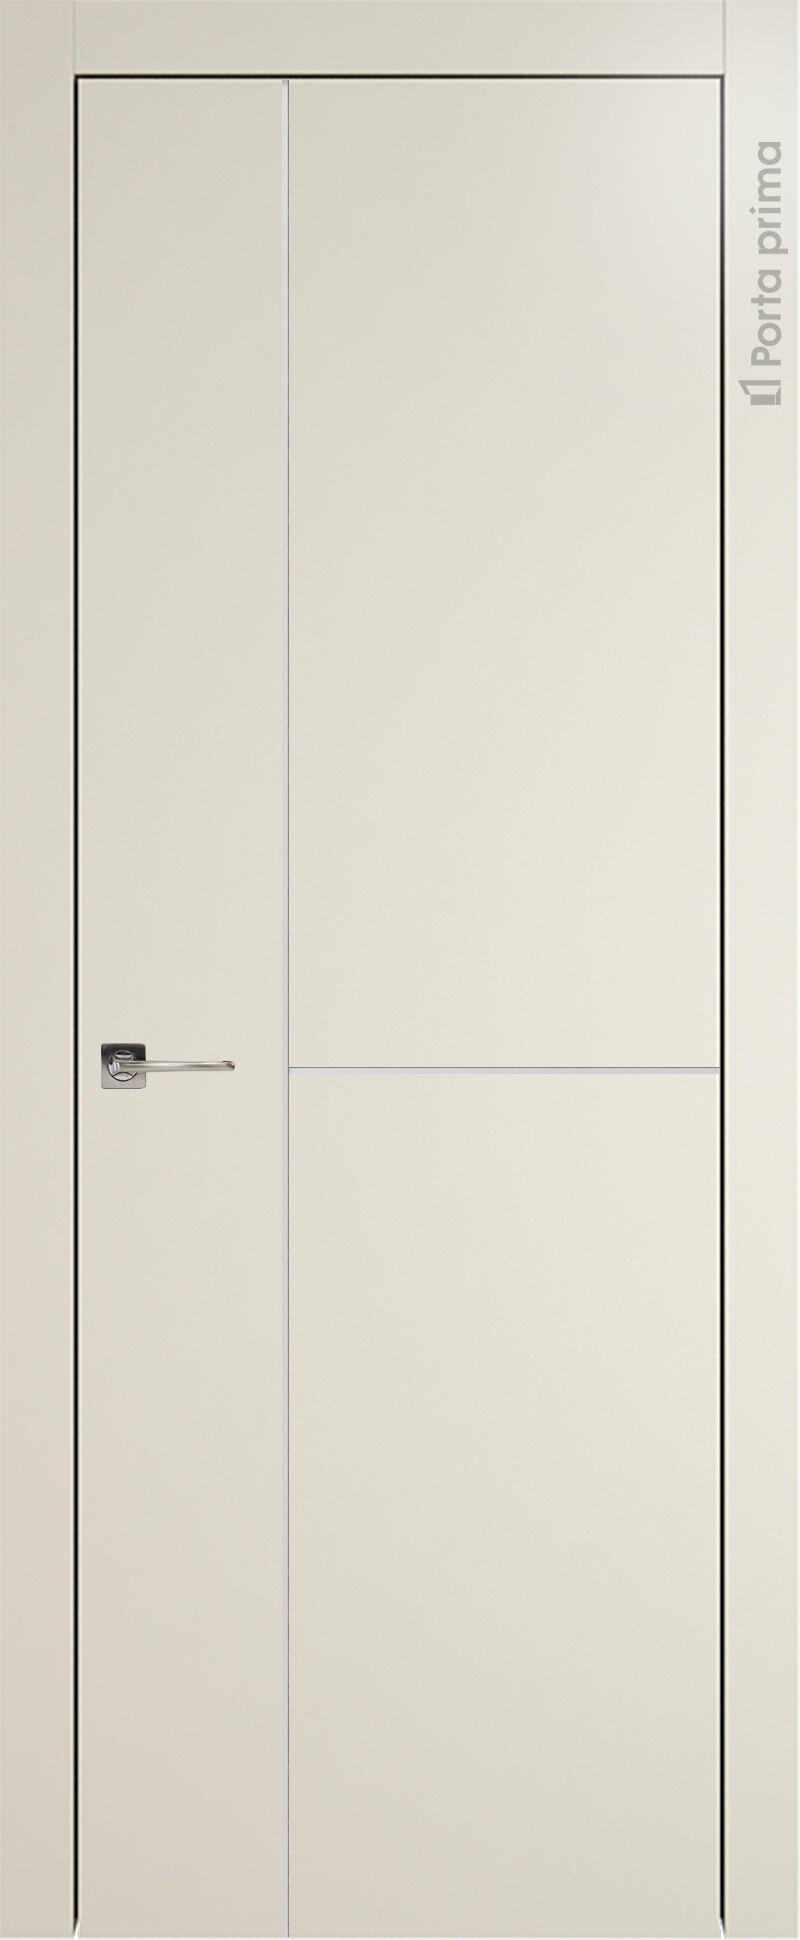 Tivoli Г-1 цвет - Жемчужная эмаль (RAL 1013) Без стекла (ДГ)